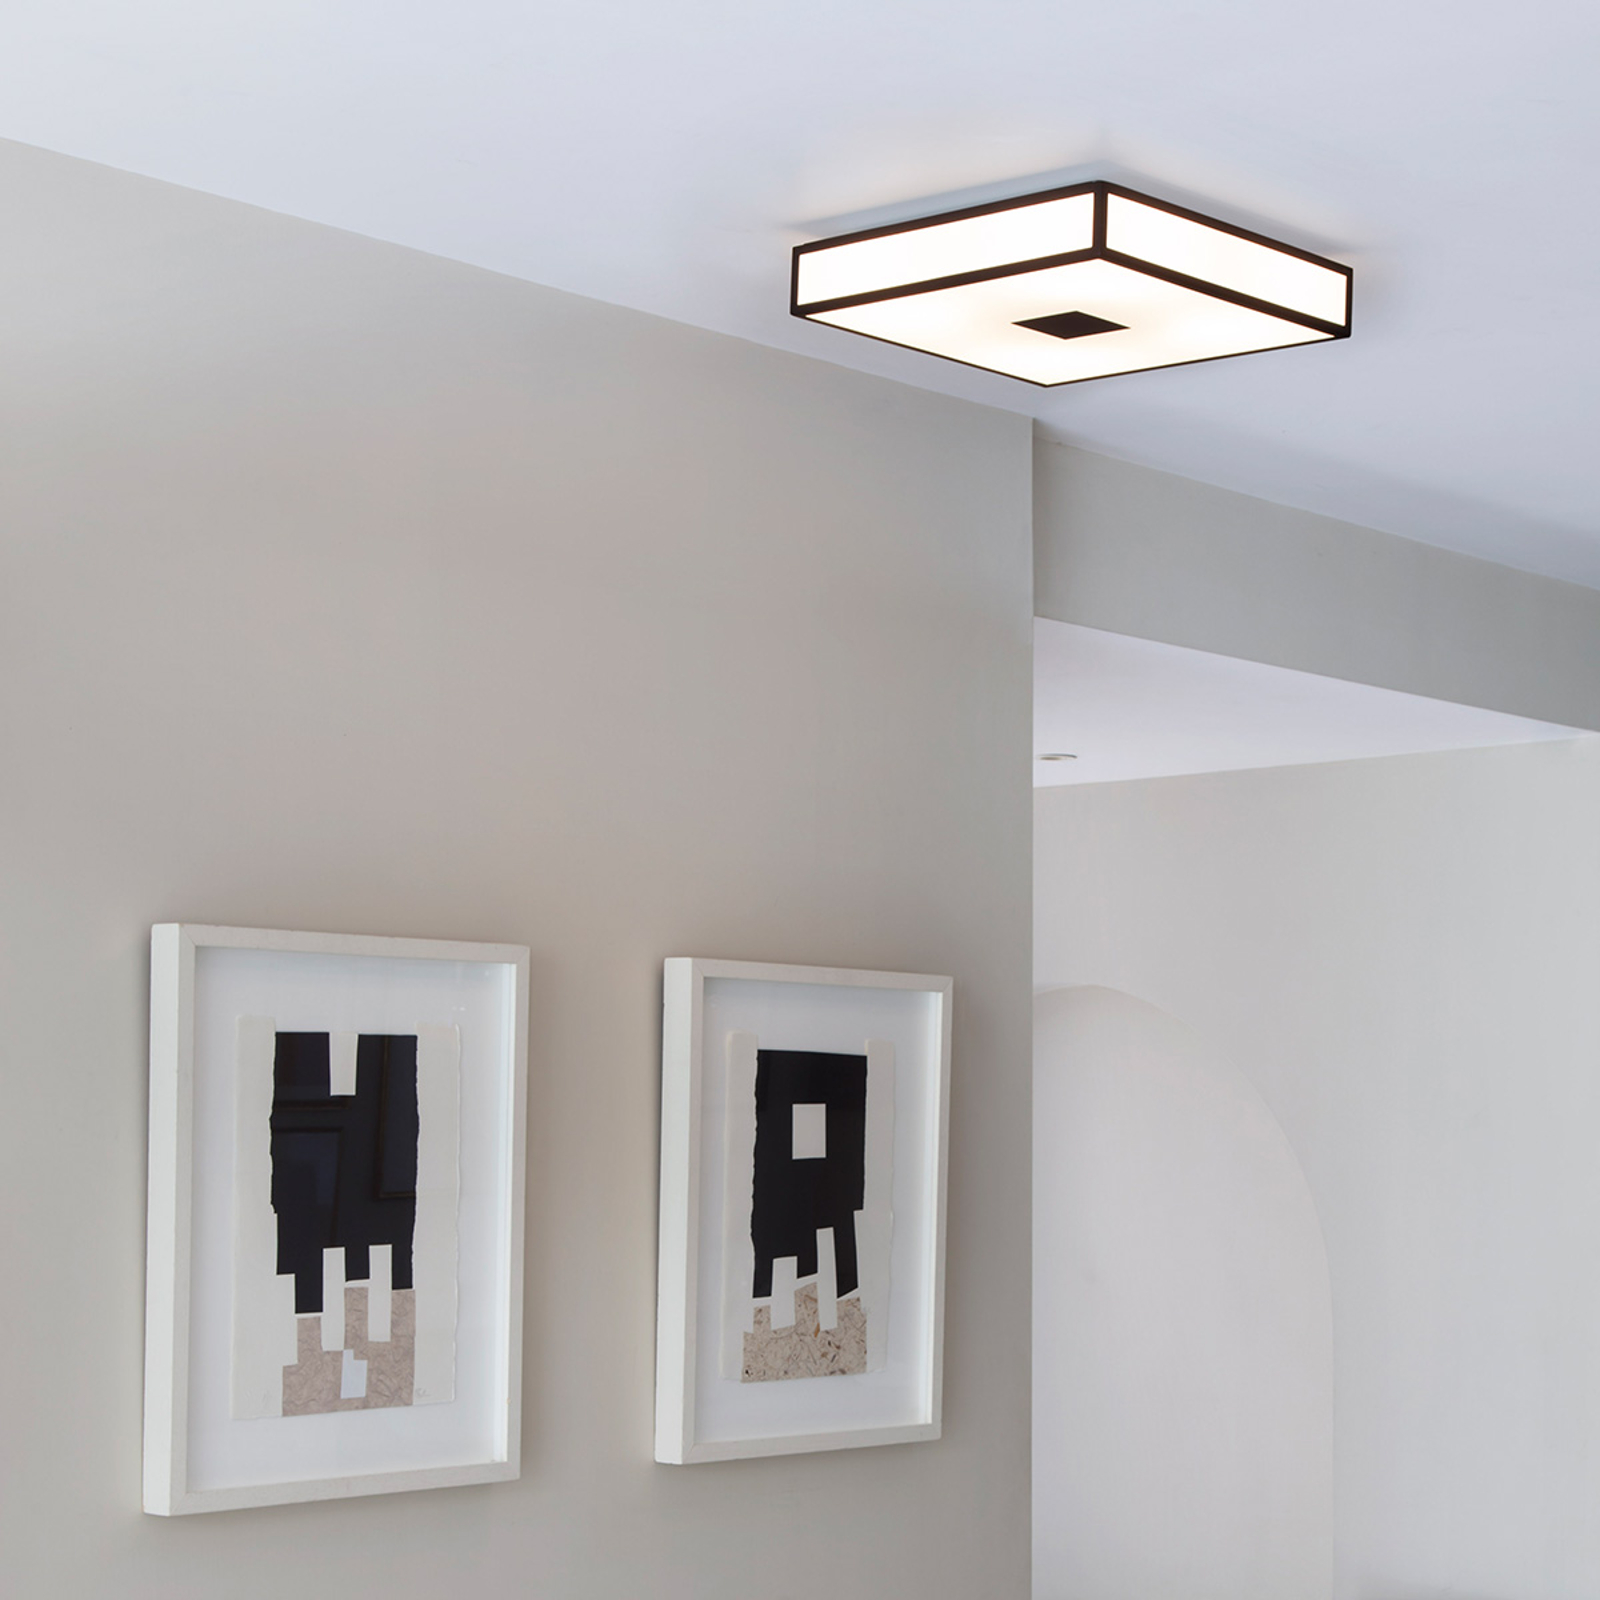 Moderne plafondlamp MASHIKO 40 x 40 cm, brons